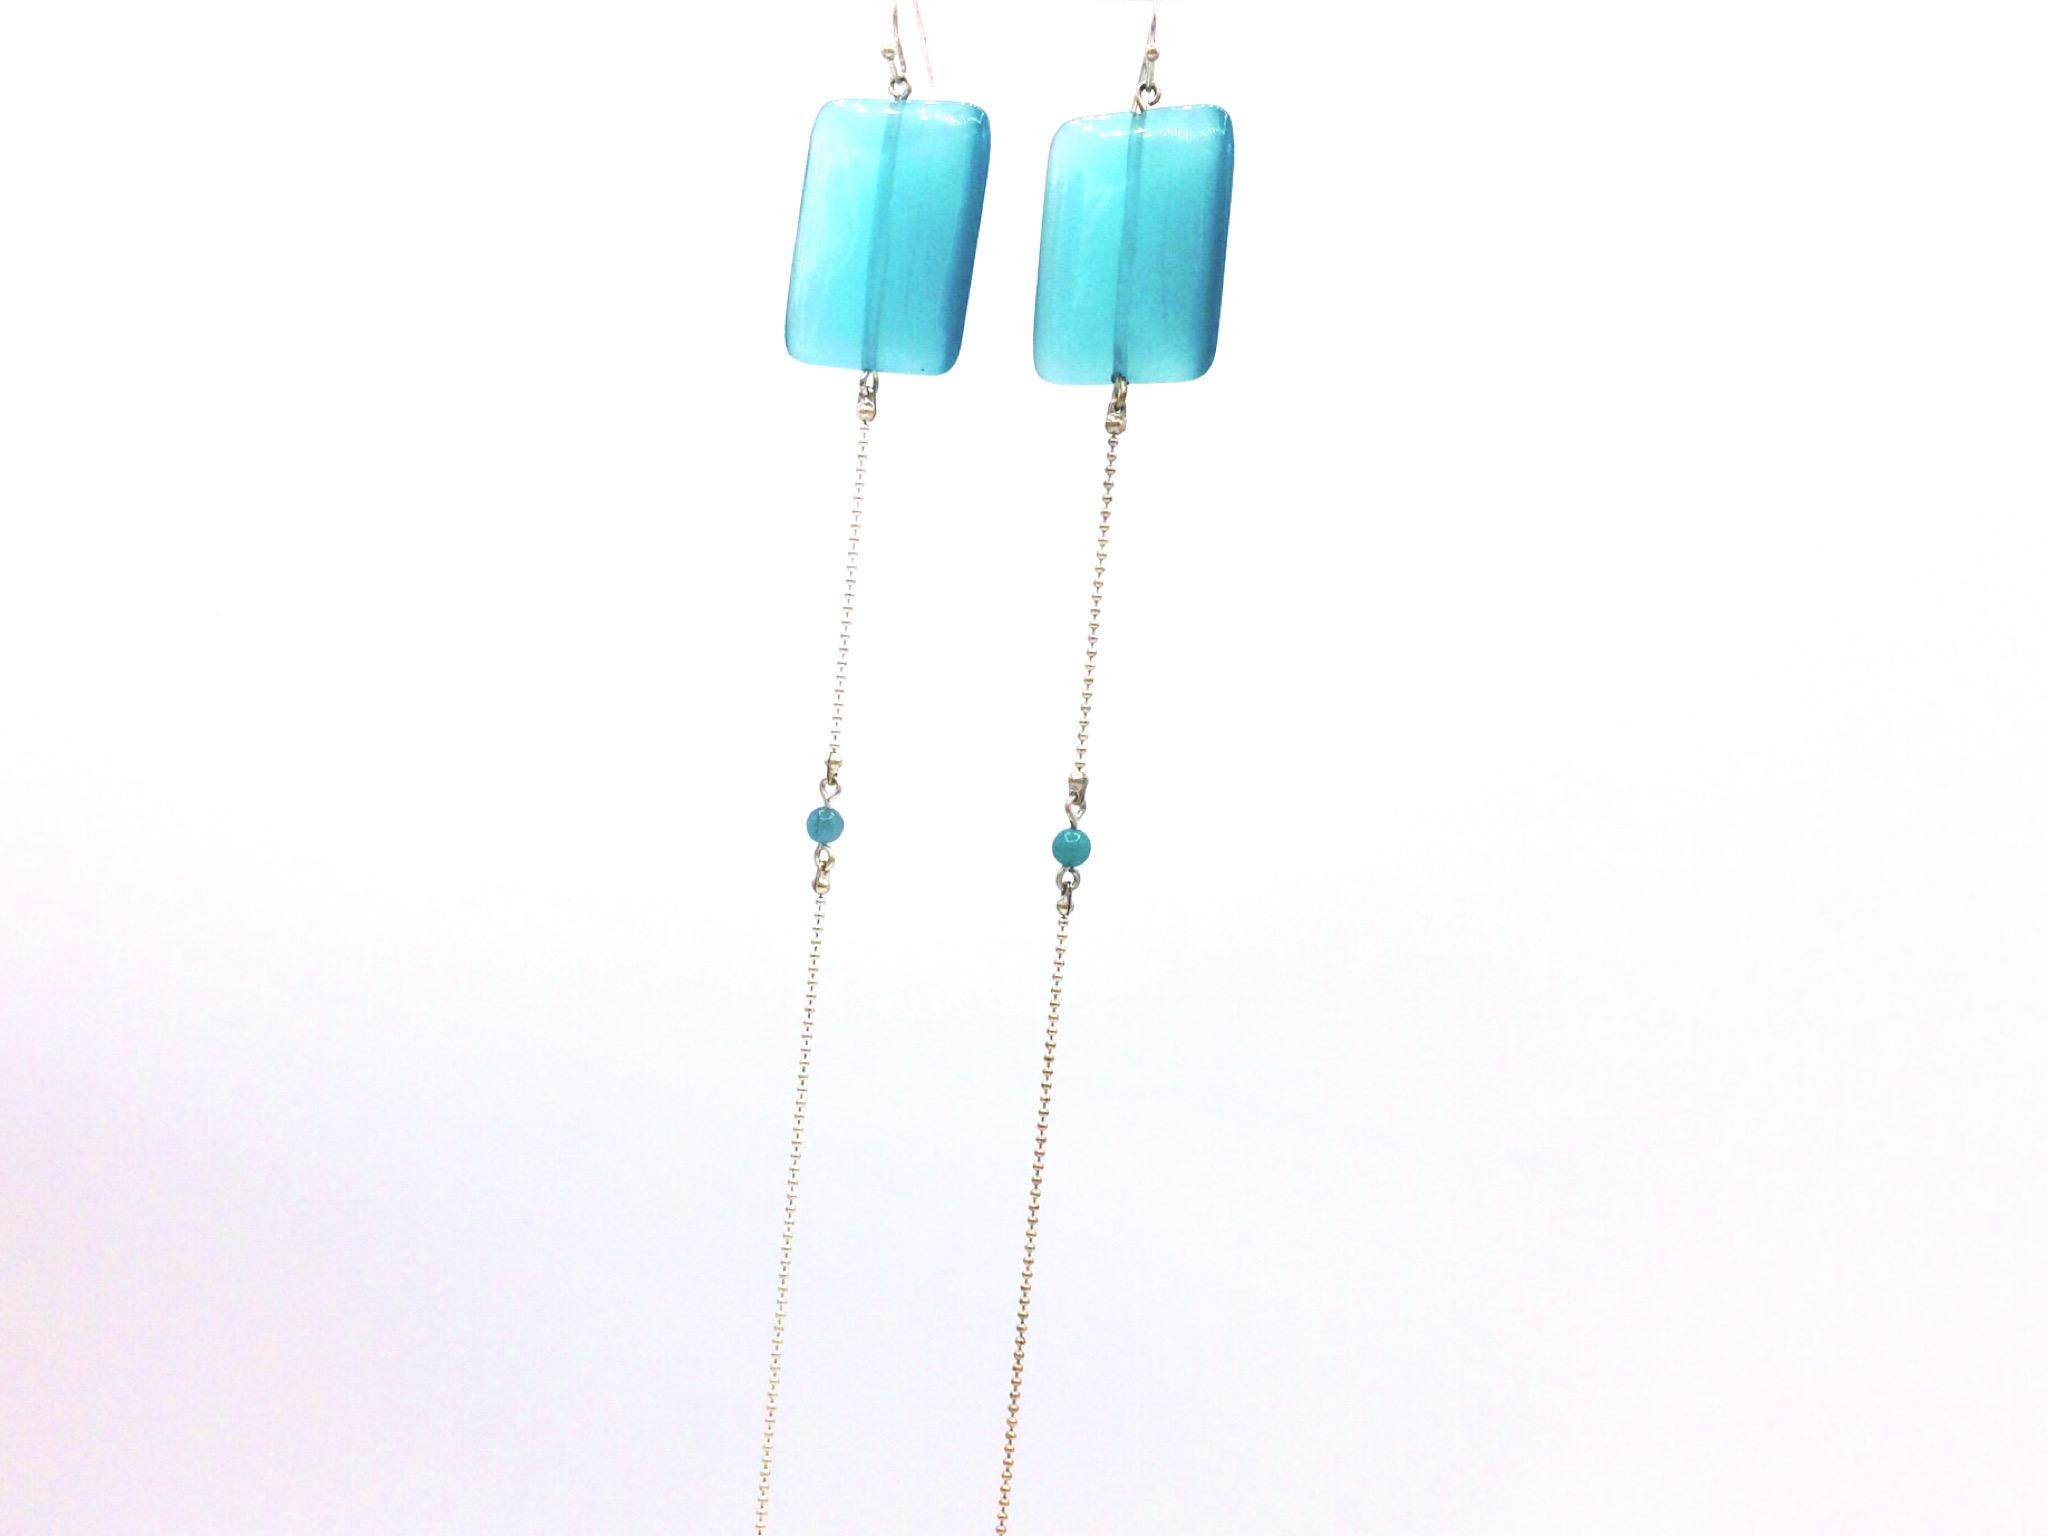 sélectionner pour le meilleur gamme exceptionnelle de styles meilleure sélection de longues boucles d'oreilles Équilibre bleu turquoise